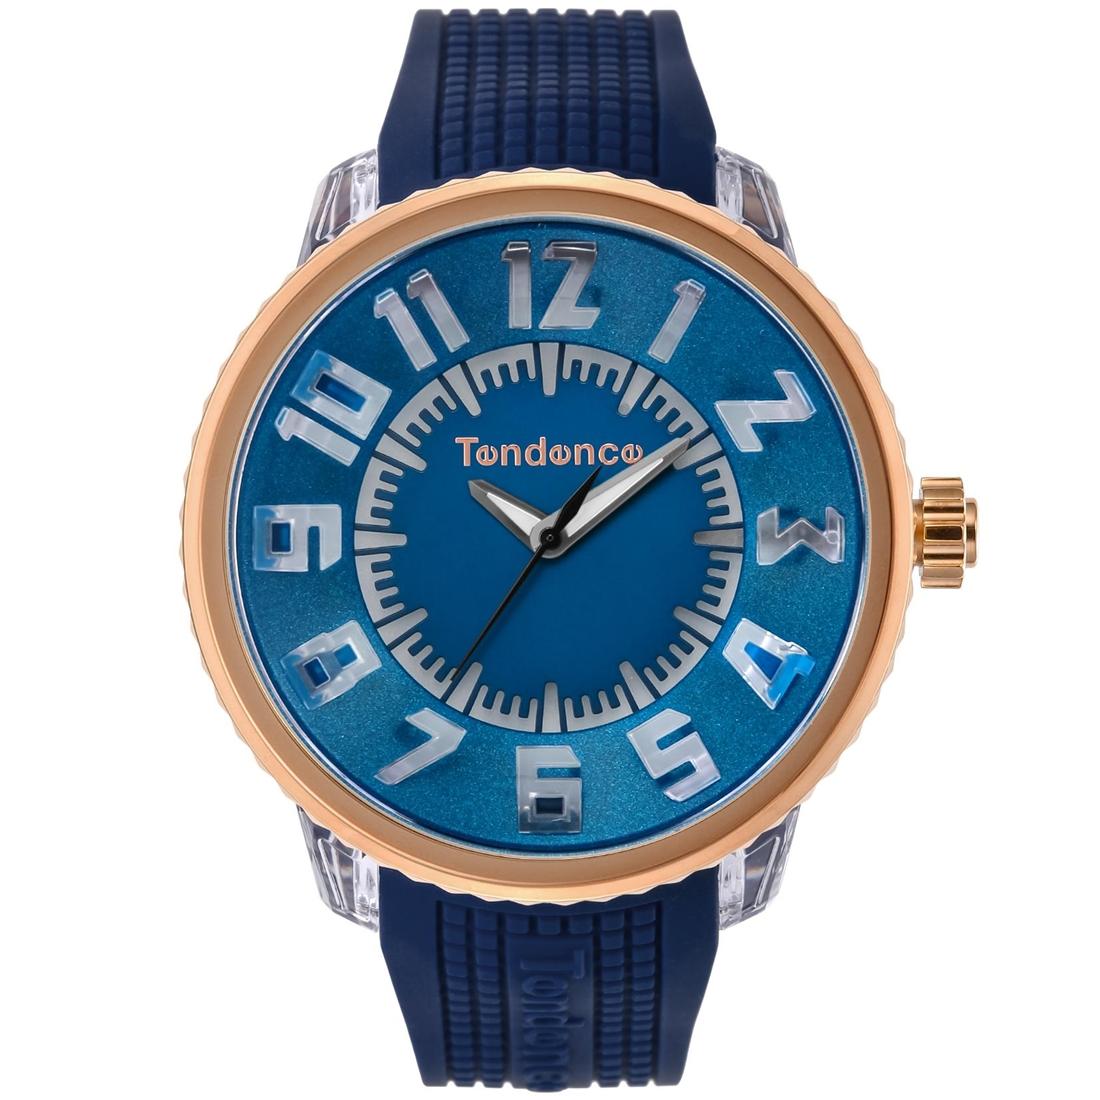 【1/13までトートバッグプレゼント】 正規品 Tendence テンデンス TY532004 フラッシュ 腕時計